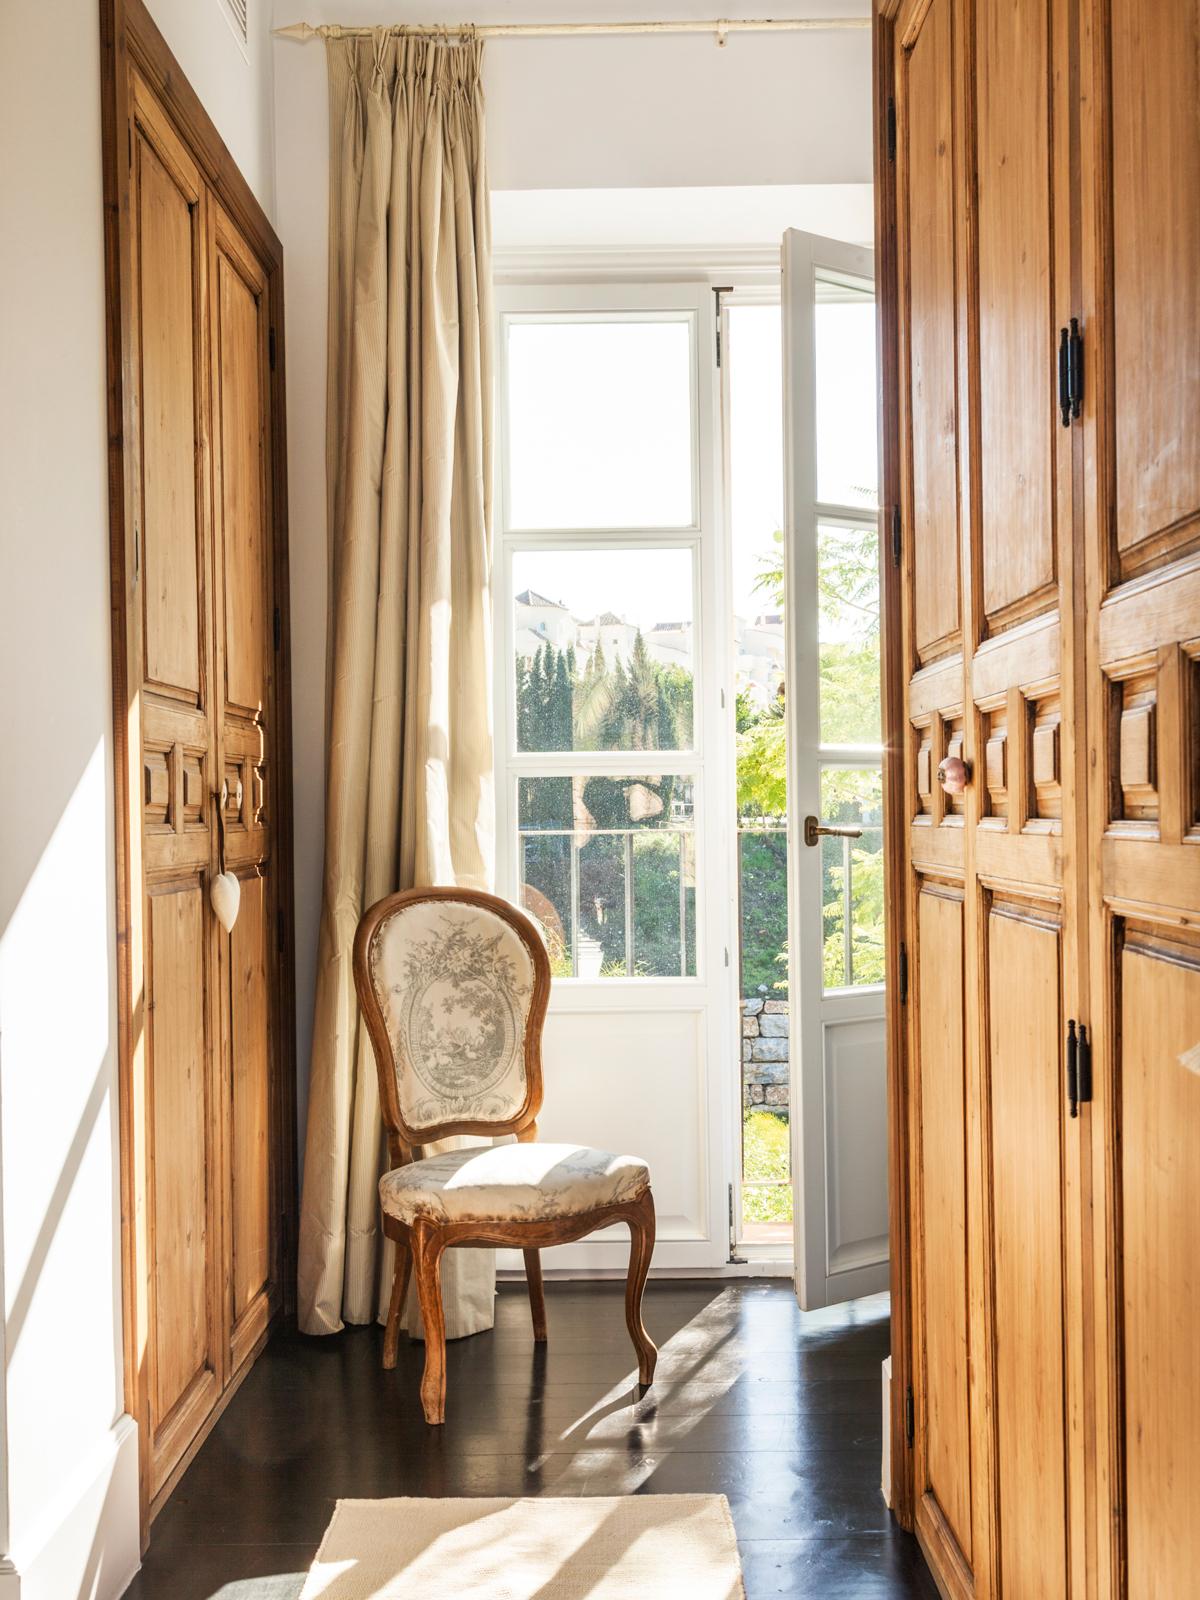 Cuanto cuesta una ventana cheap with cuanto cuesta una for Cuanto cuesta una puerta de madera